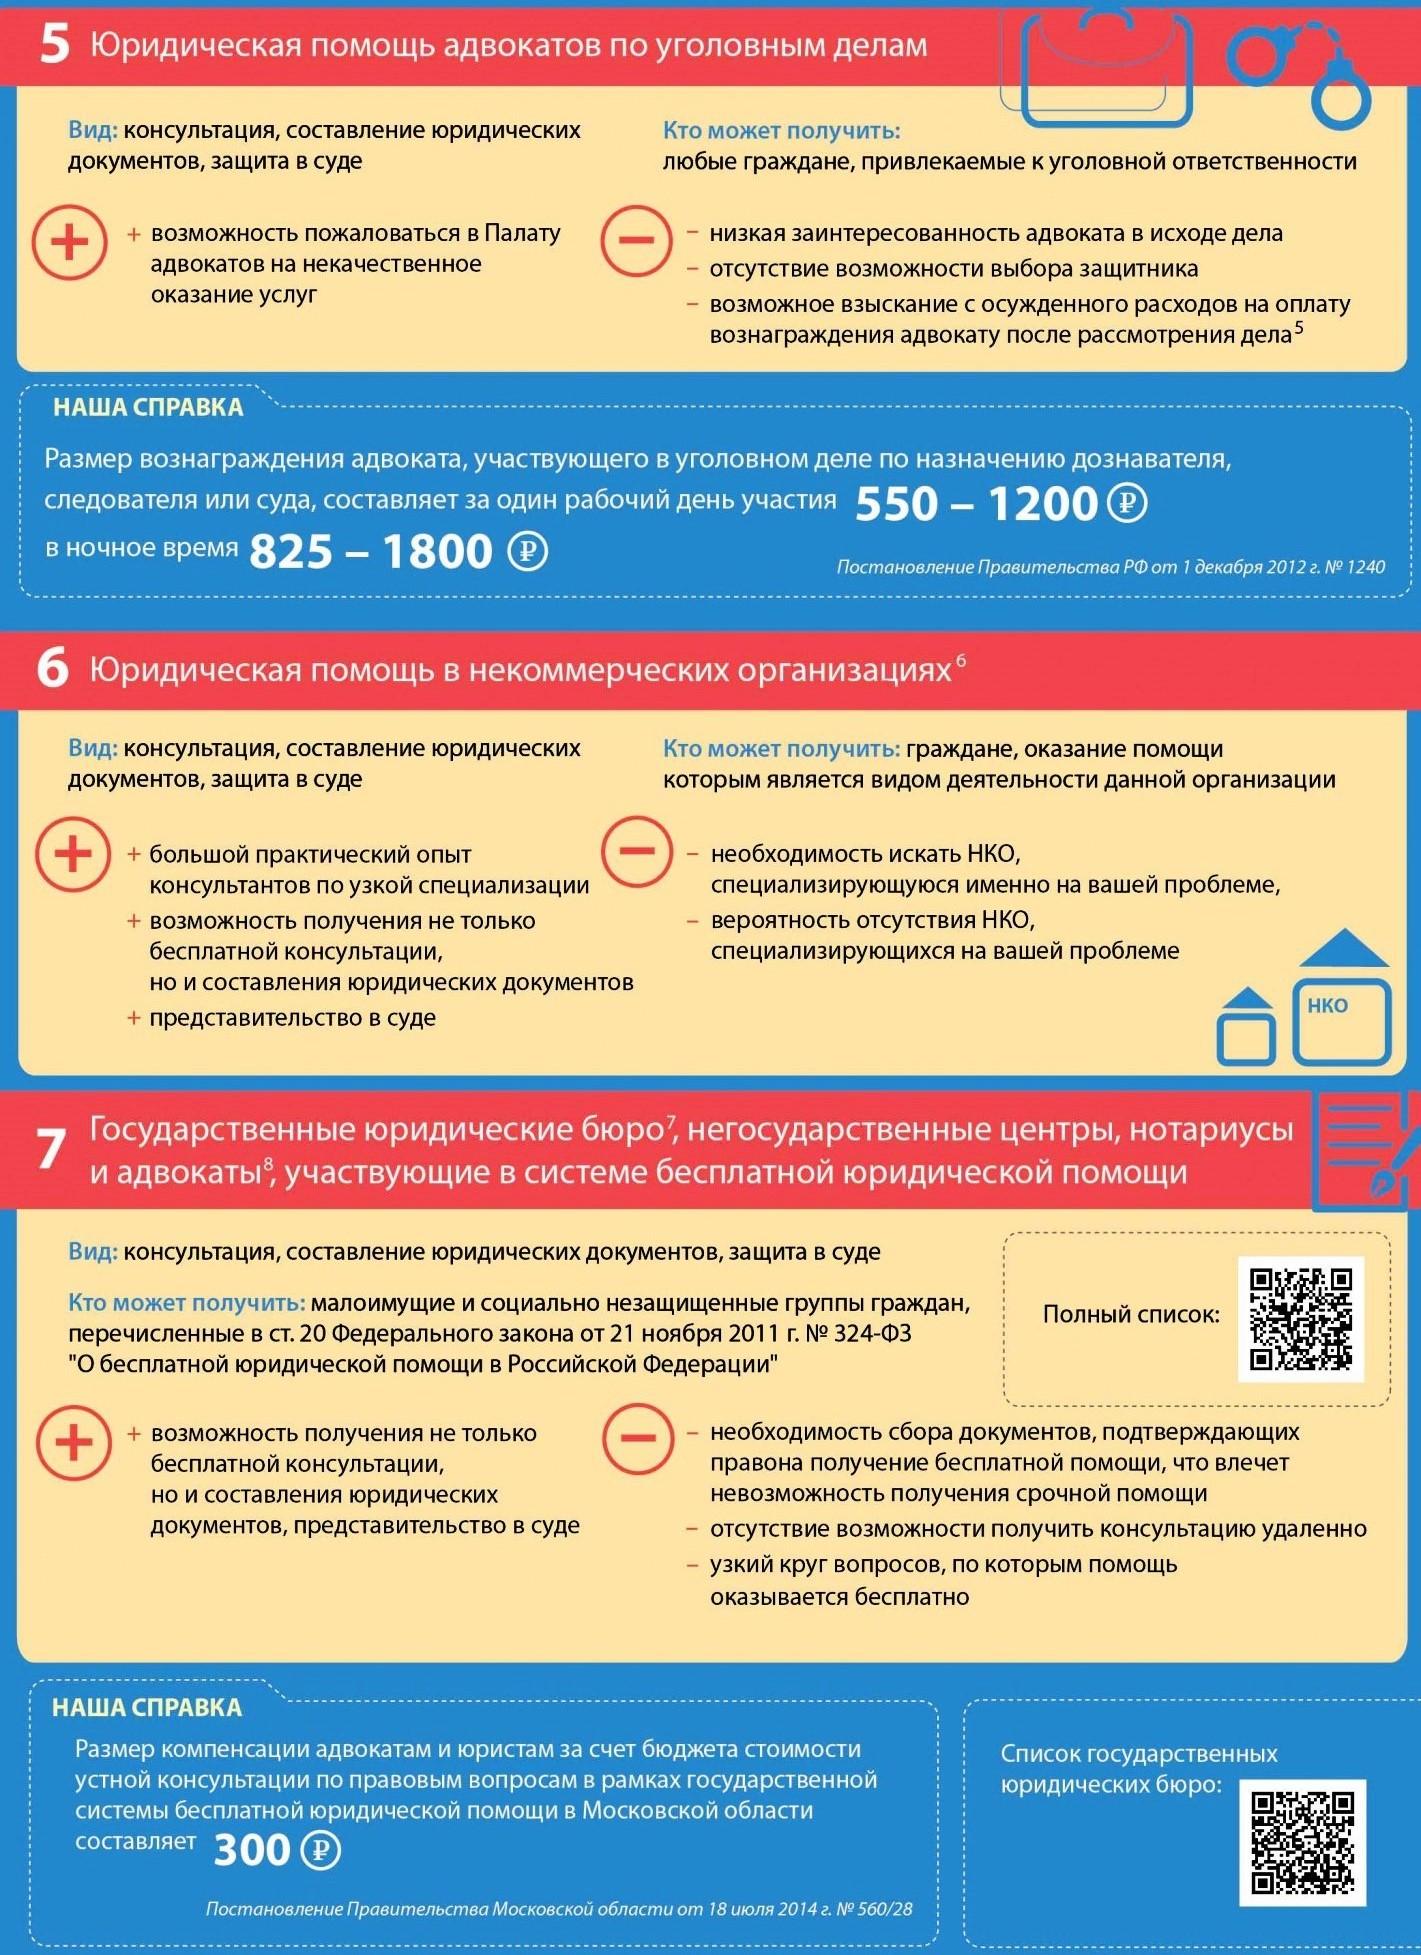 komu-polozhena-besplatnaya-yuridicheskaya-pomoshh-instrukciya-kak-poluchit-pomoshh-yurista-besplatno4